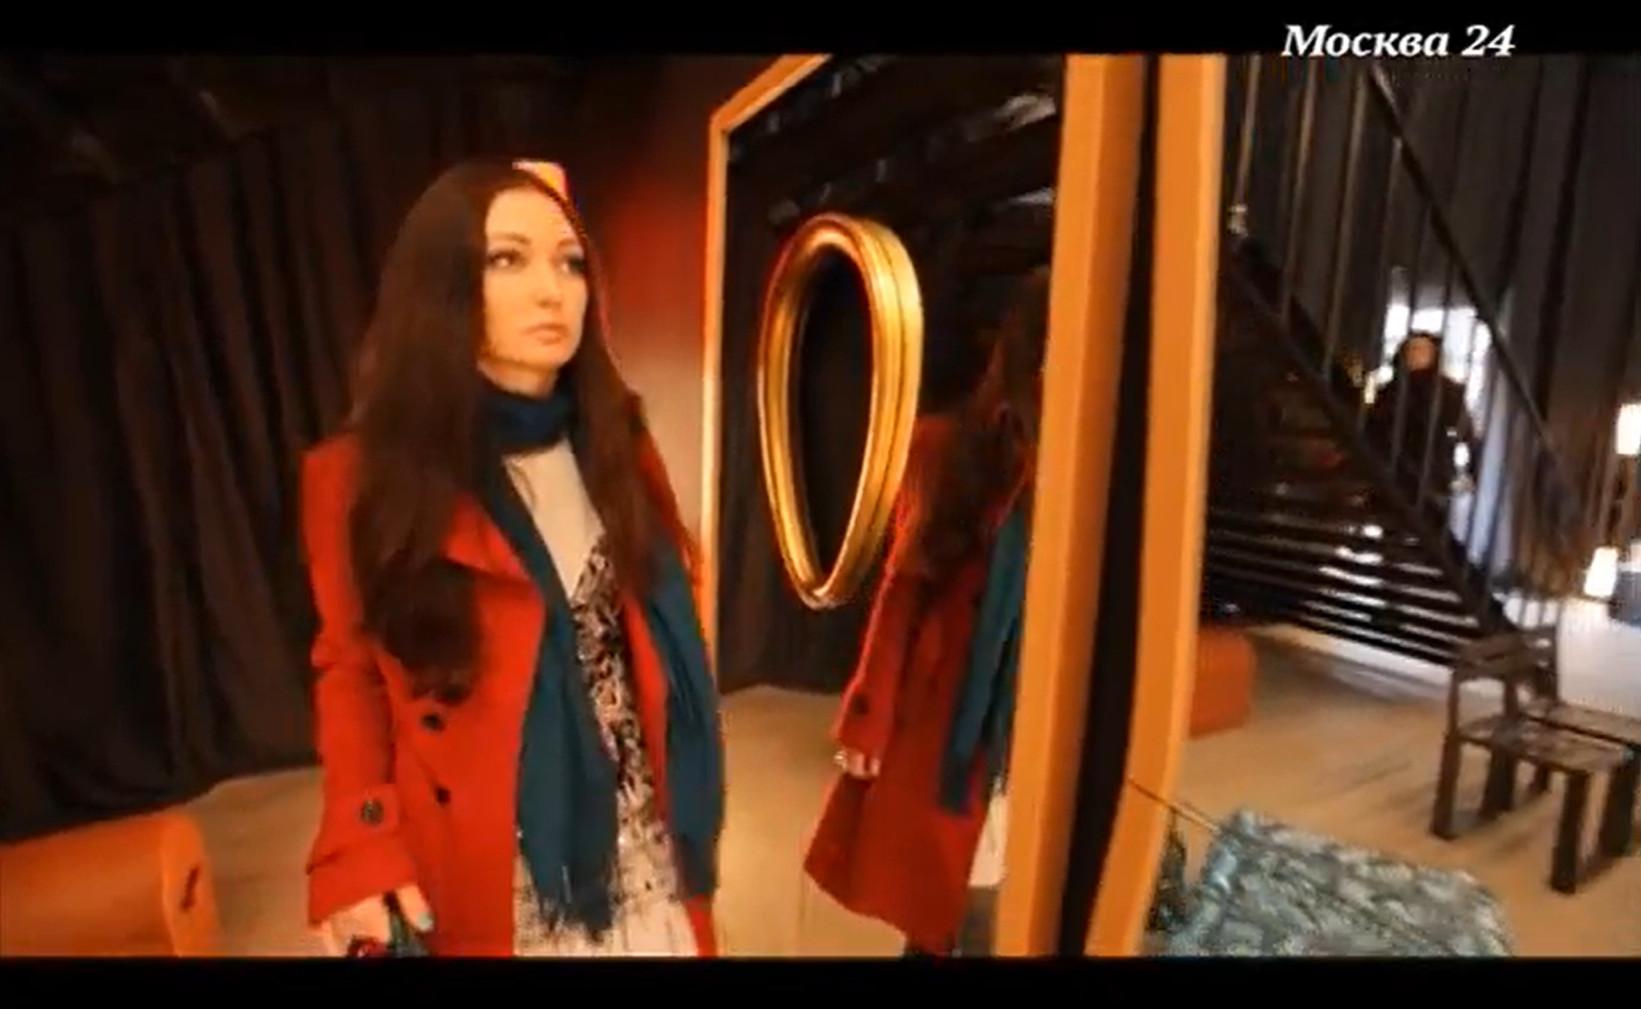 Документальный фильм о дизайнерах (Москва 24)